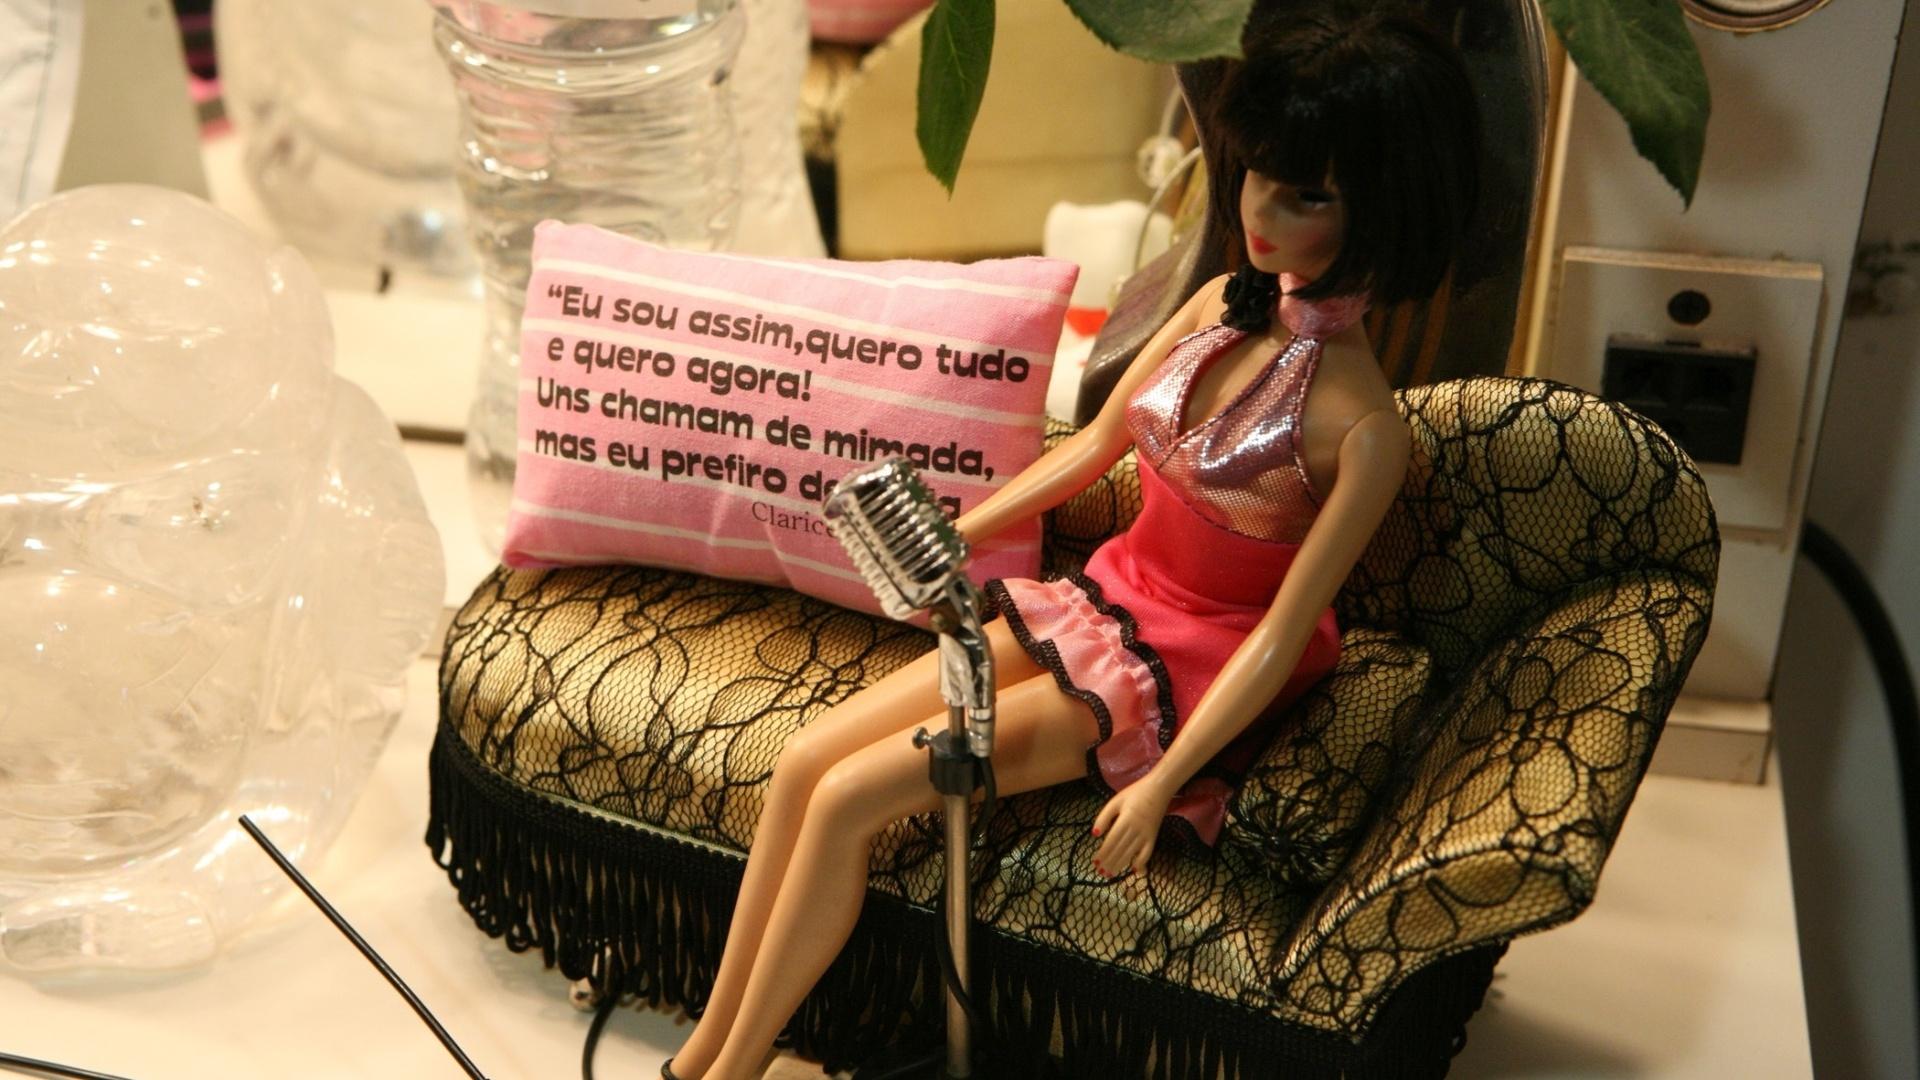 Boneca de Sally Bowles, personagem interpretada por Cláudia Raia no musical